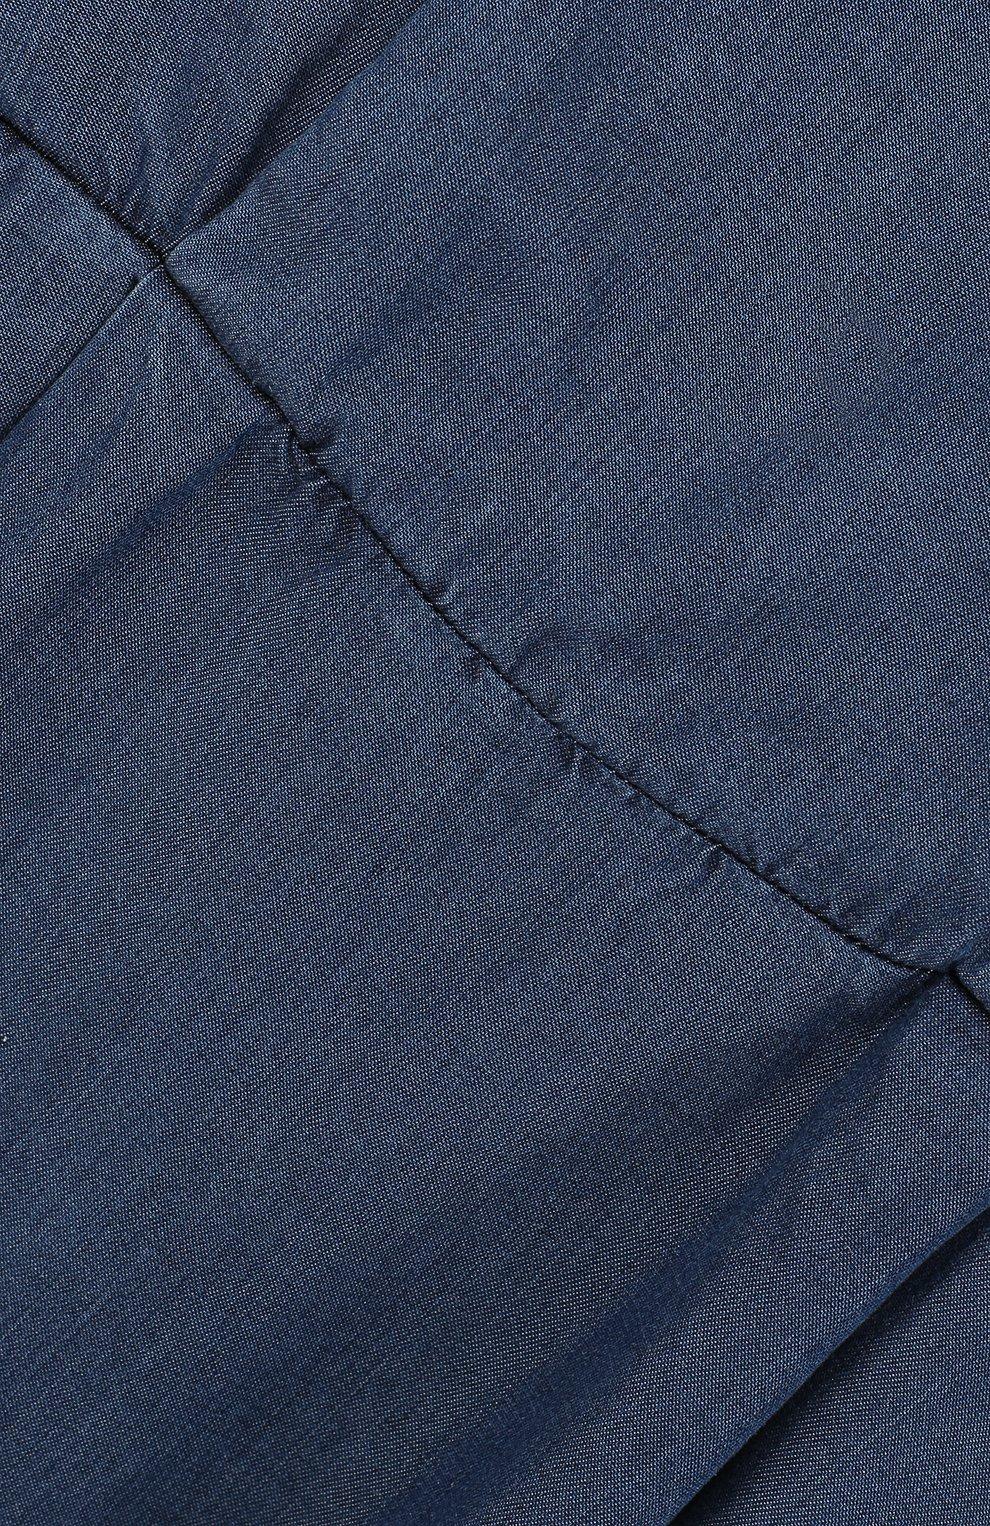 Детское мини-платье с эластичной вставкой на поясе и декоративной отделкой на спине ARMANI JUNIOR синего цвета, арт. 3Z3A90/3D0NZ/11A-16A | Фото 3